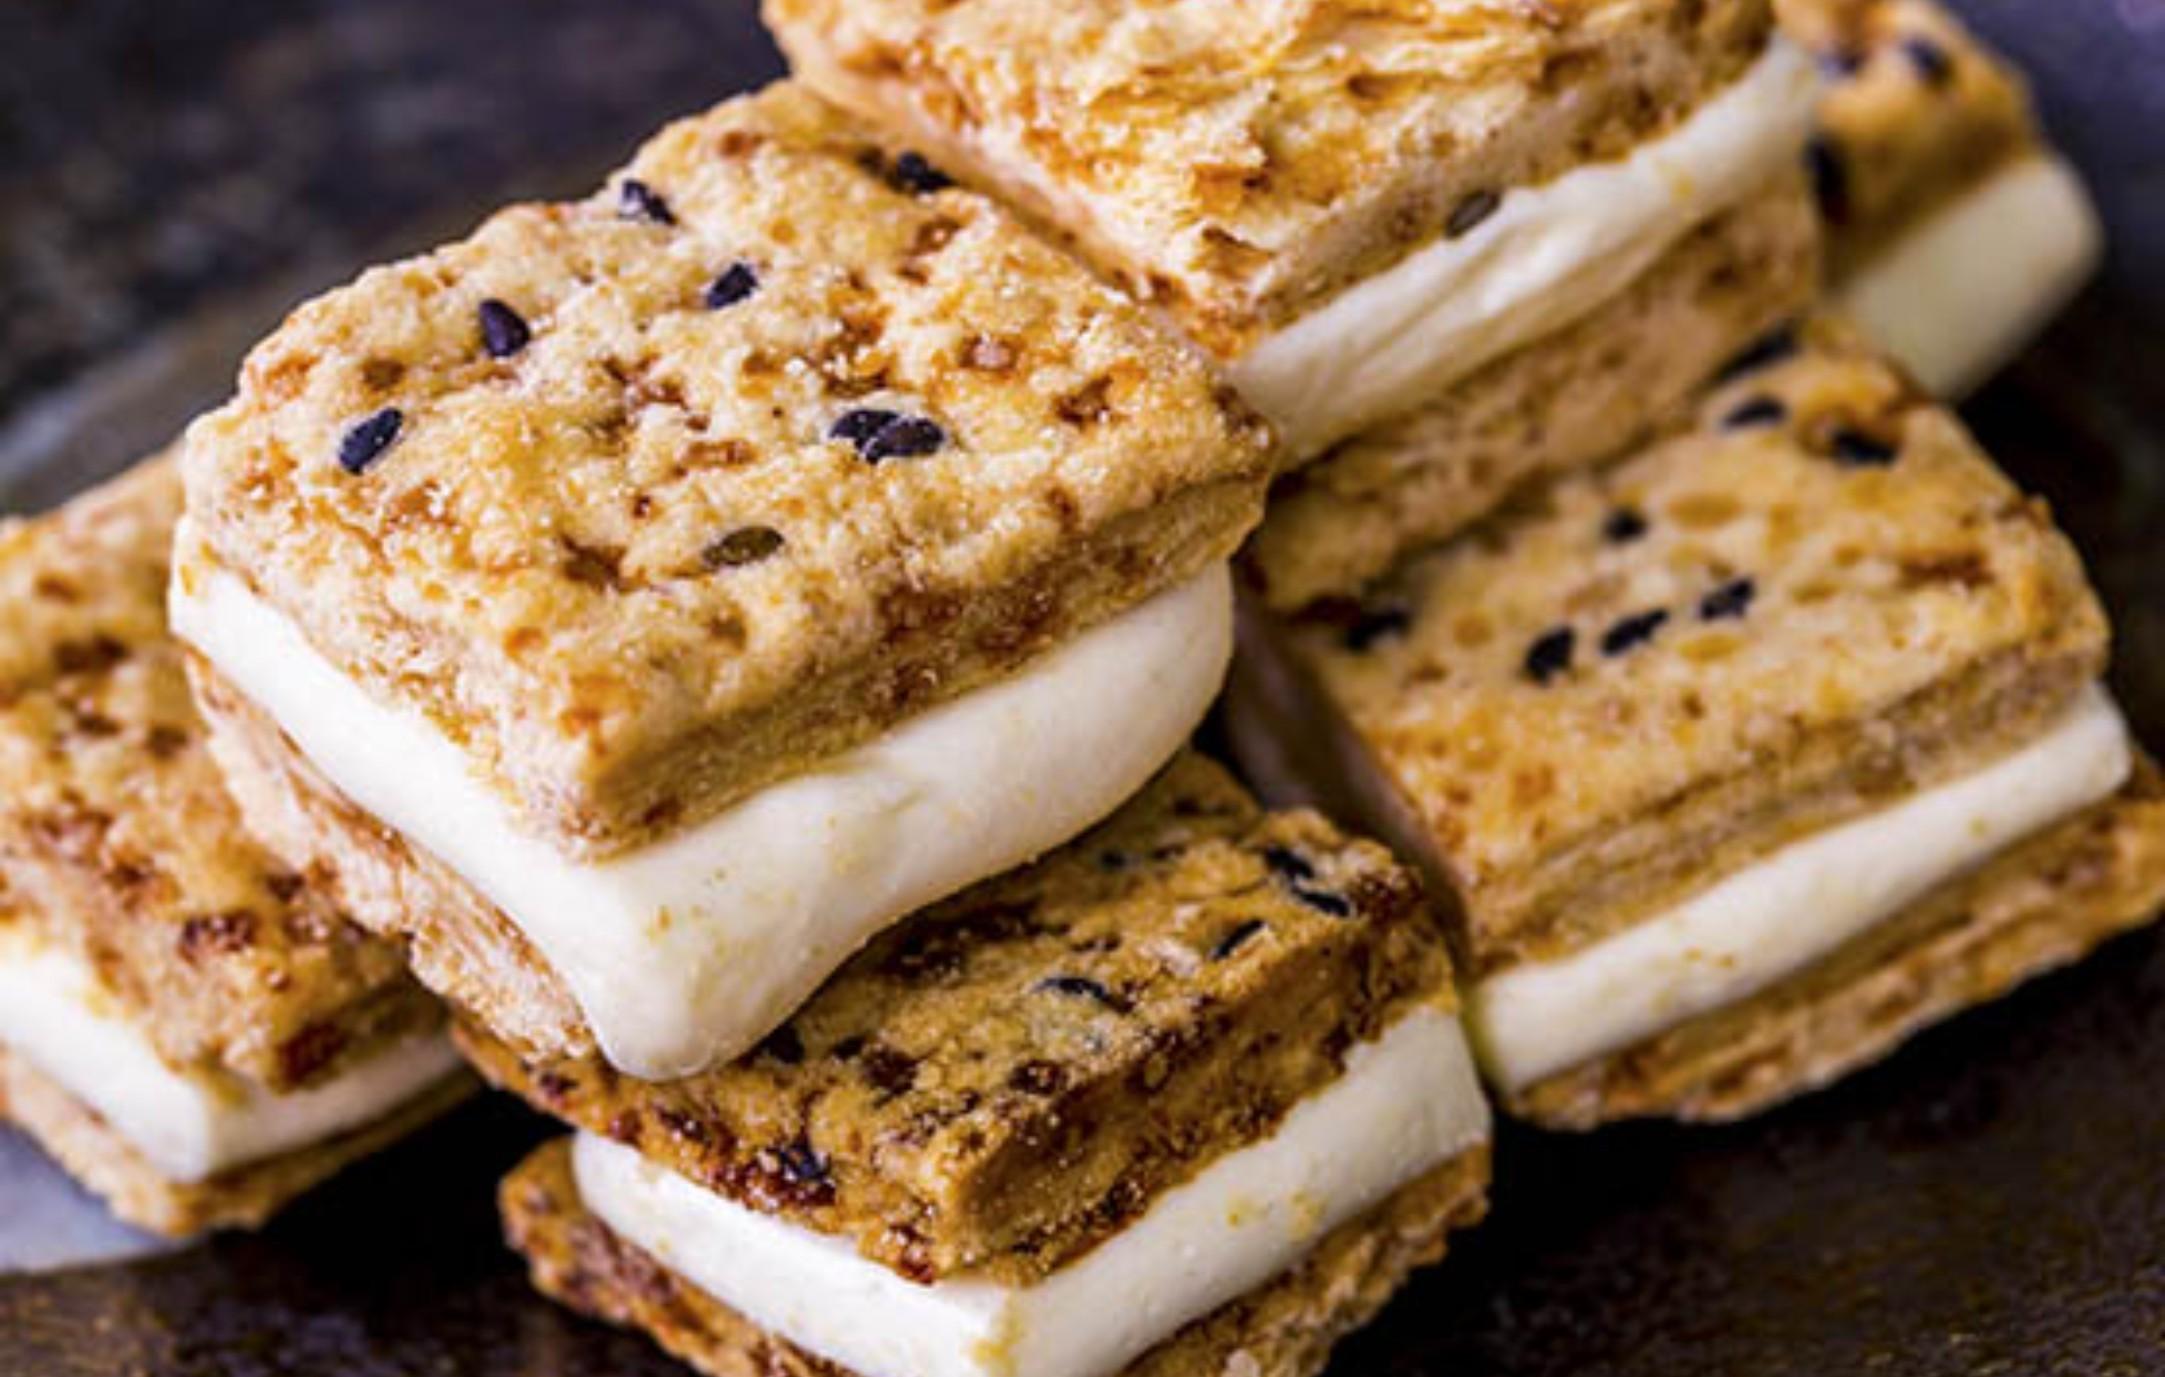 【限量組】人氣商品15送1   爆漿牛軋糖方塊一口酥/蔓越莓(原味)夾心餅 (低糖/低熱量)/免運組(可備註加購手提紙袋2元)